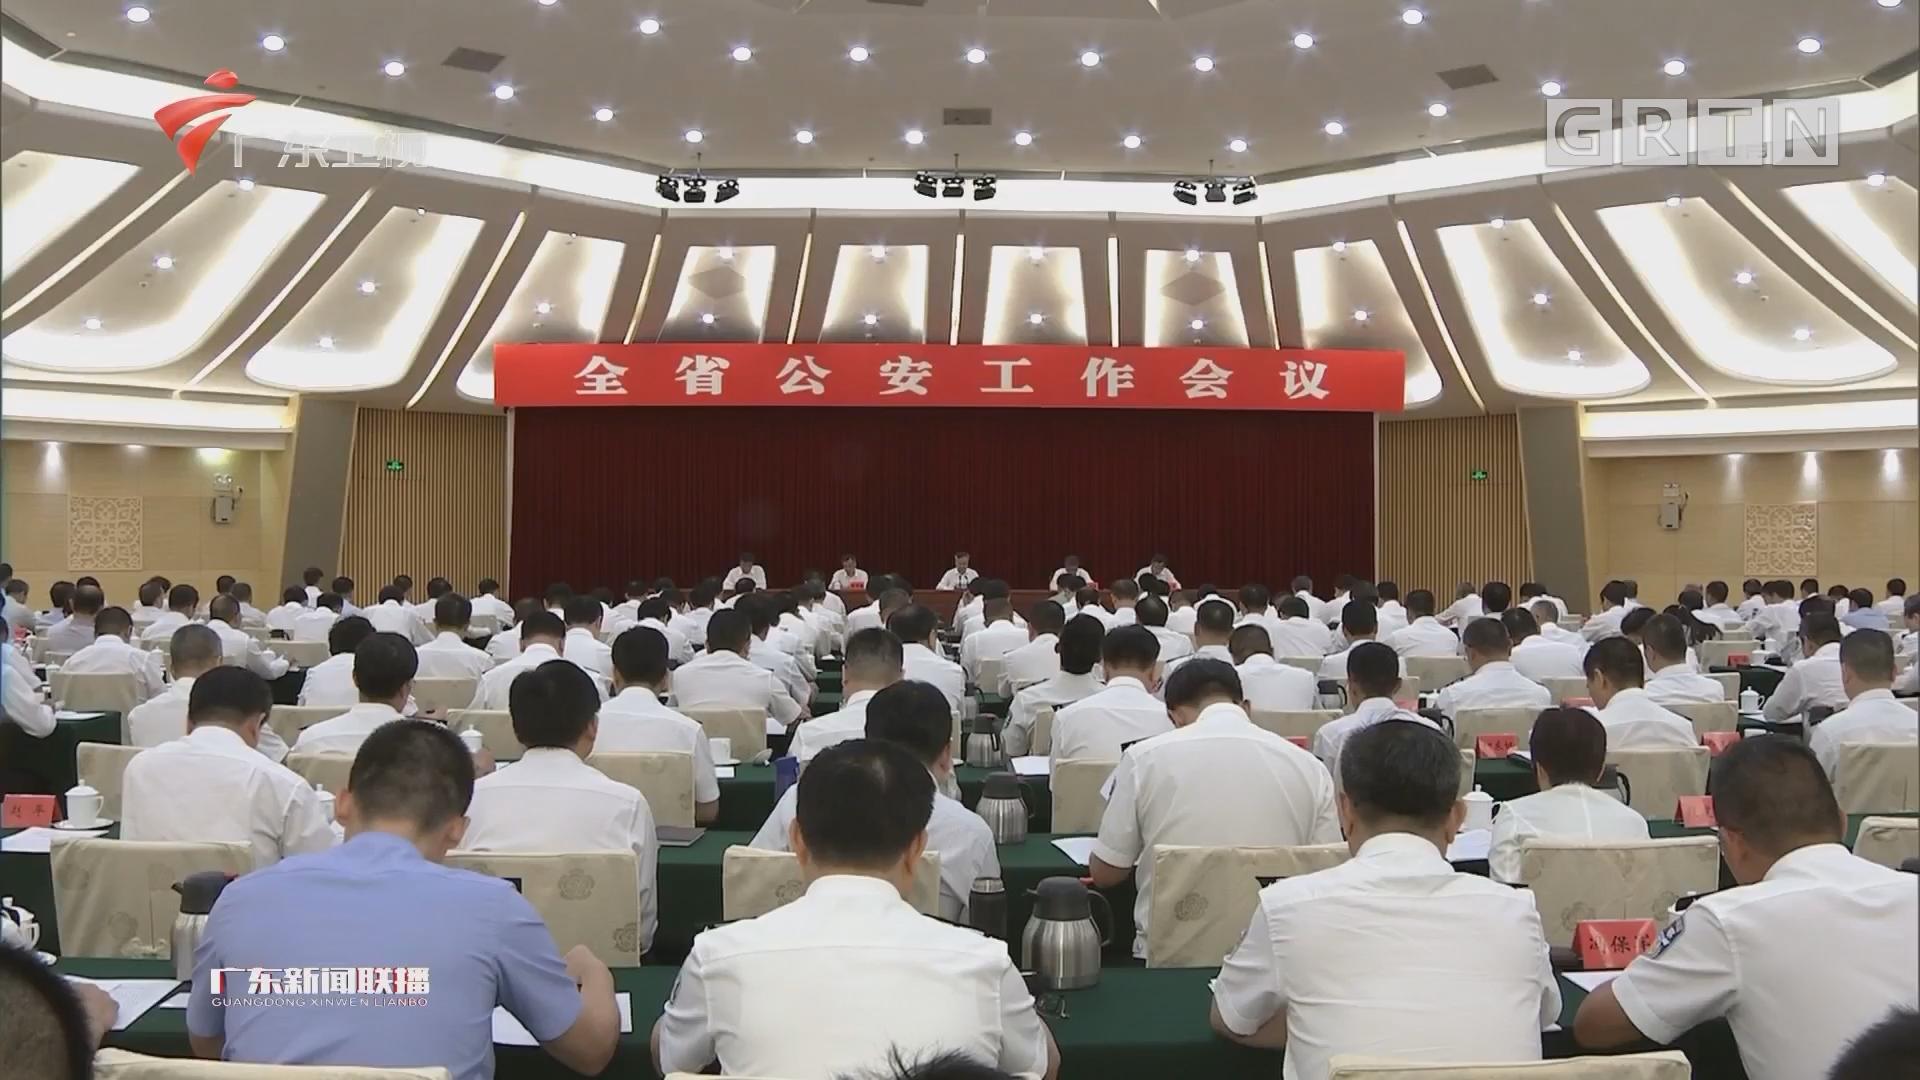 全省公安工作会议在广州召开 李希出席并讲话 马兴瑞主持